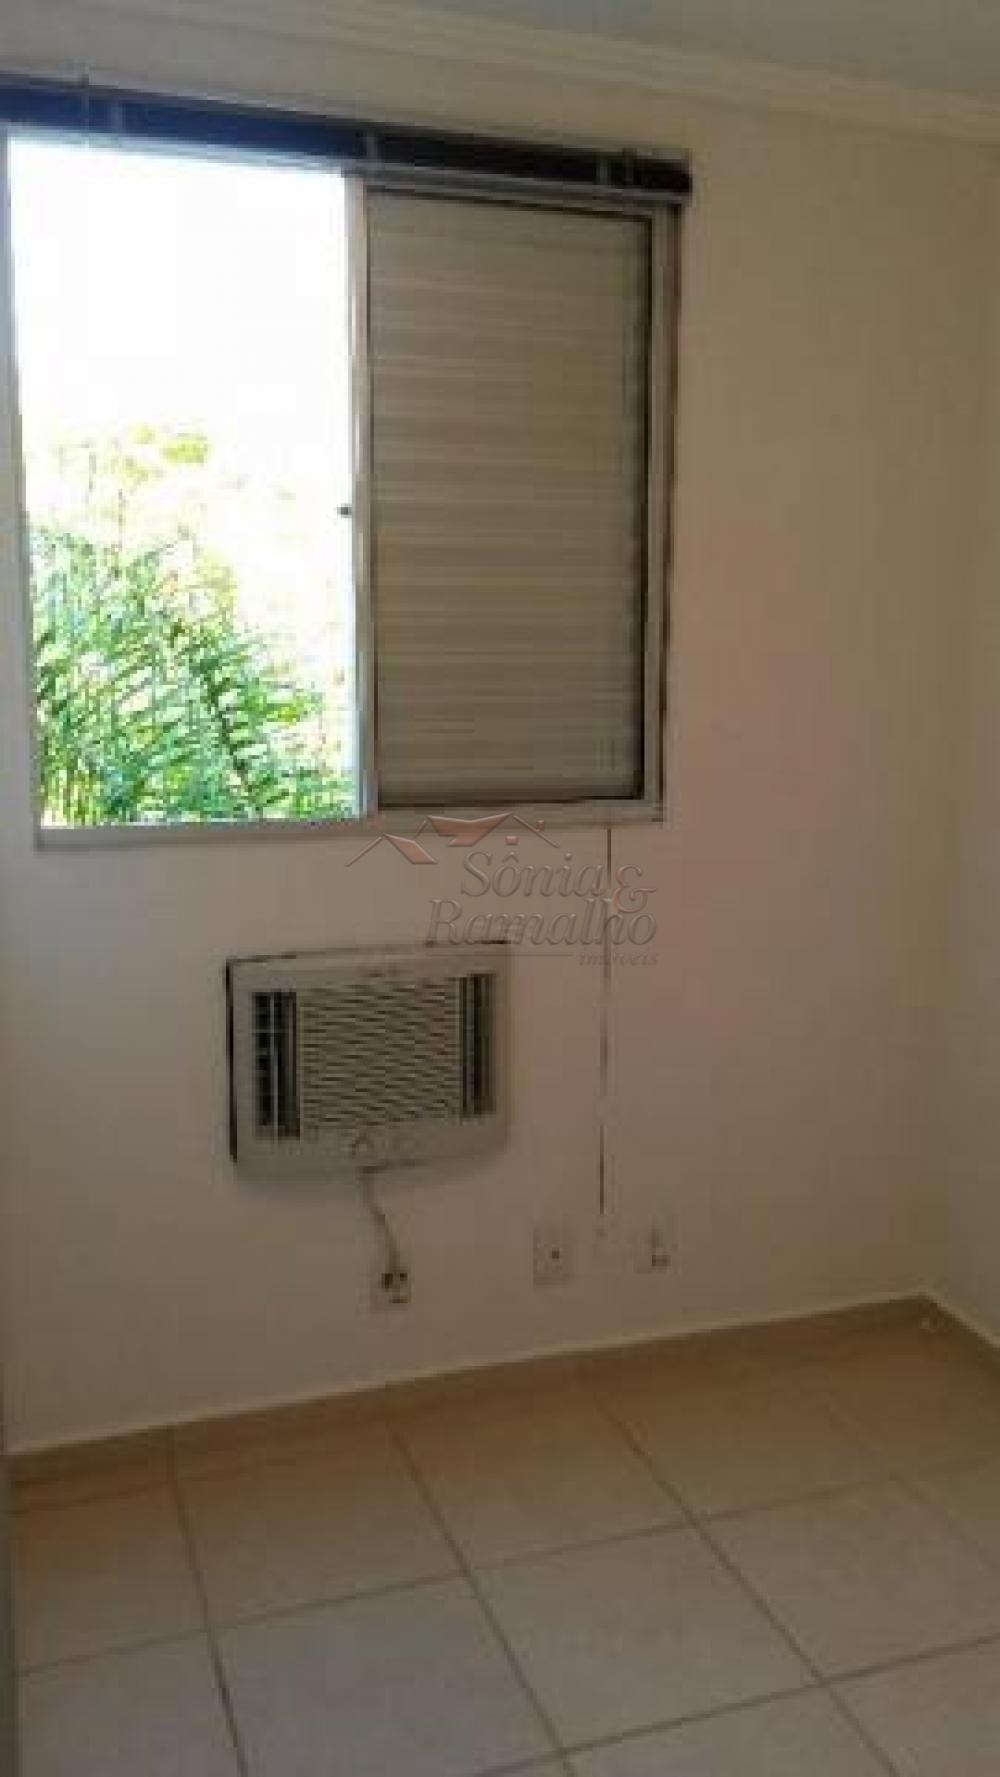 Comprar Apartamentos / Padrão em Ribeirão Preto apenas R$ 149.000,00 - Foto 2